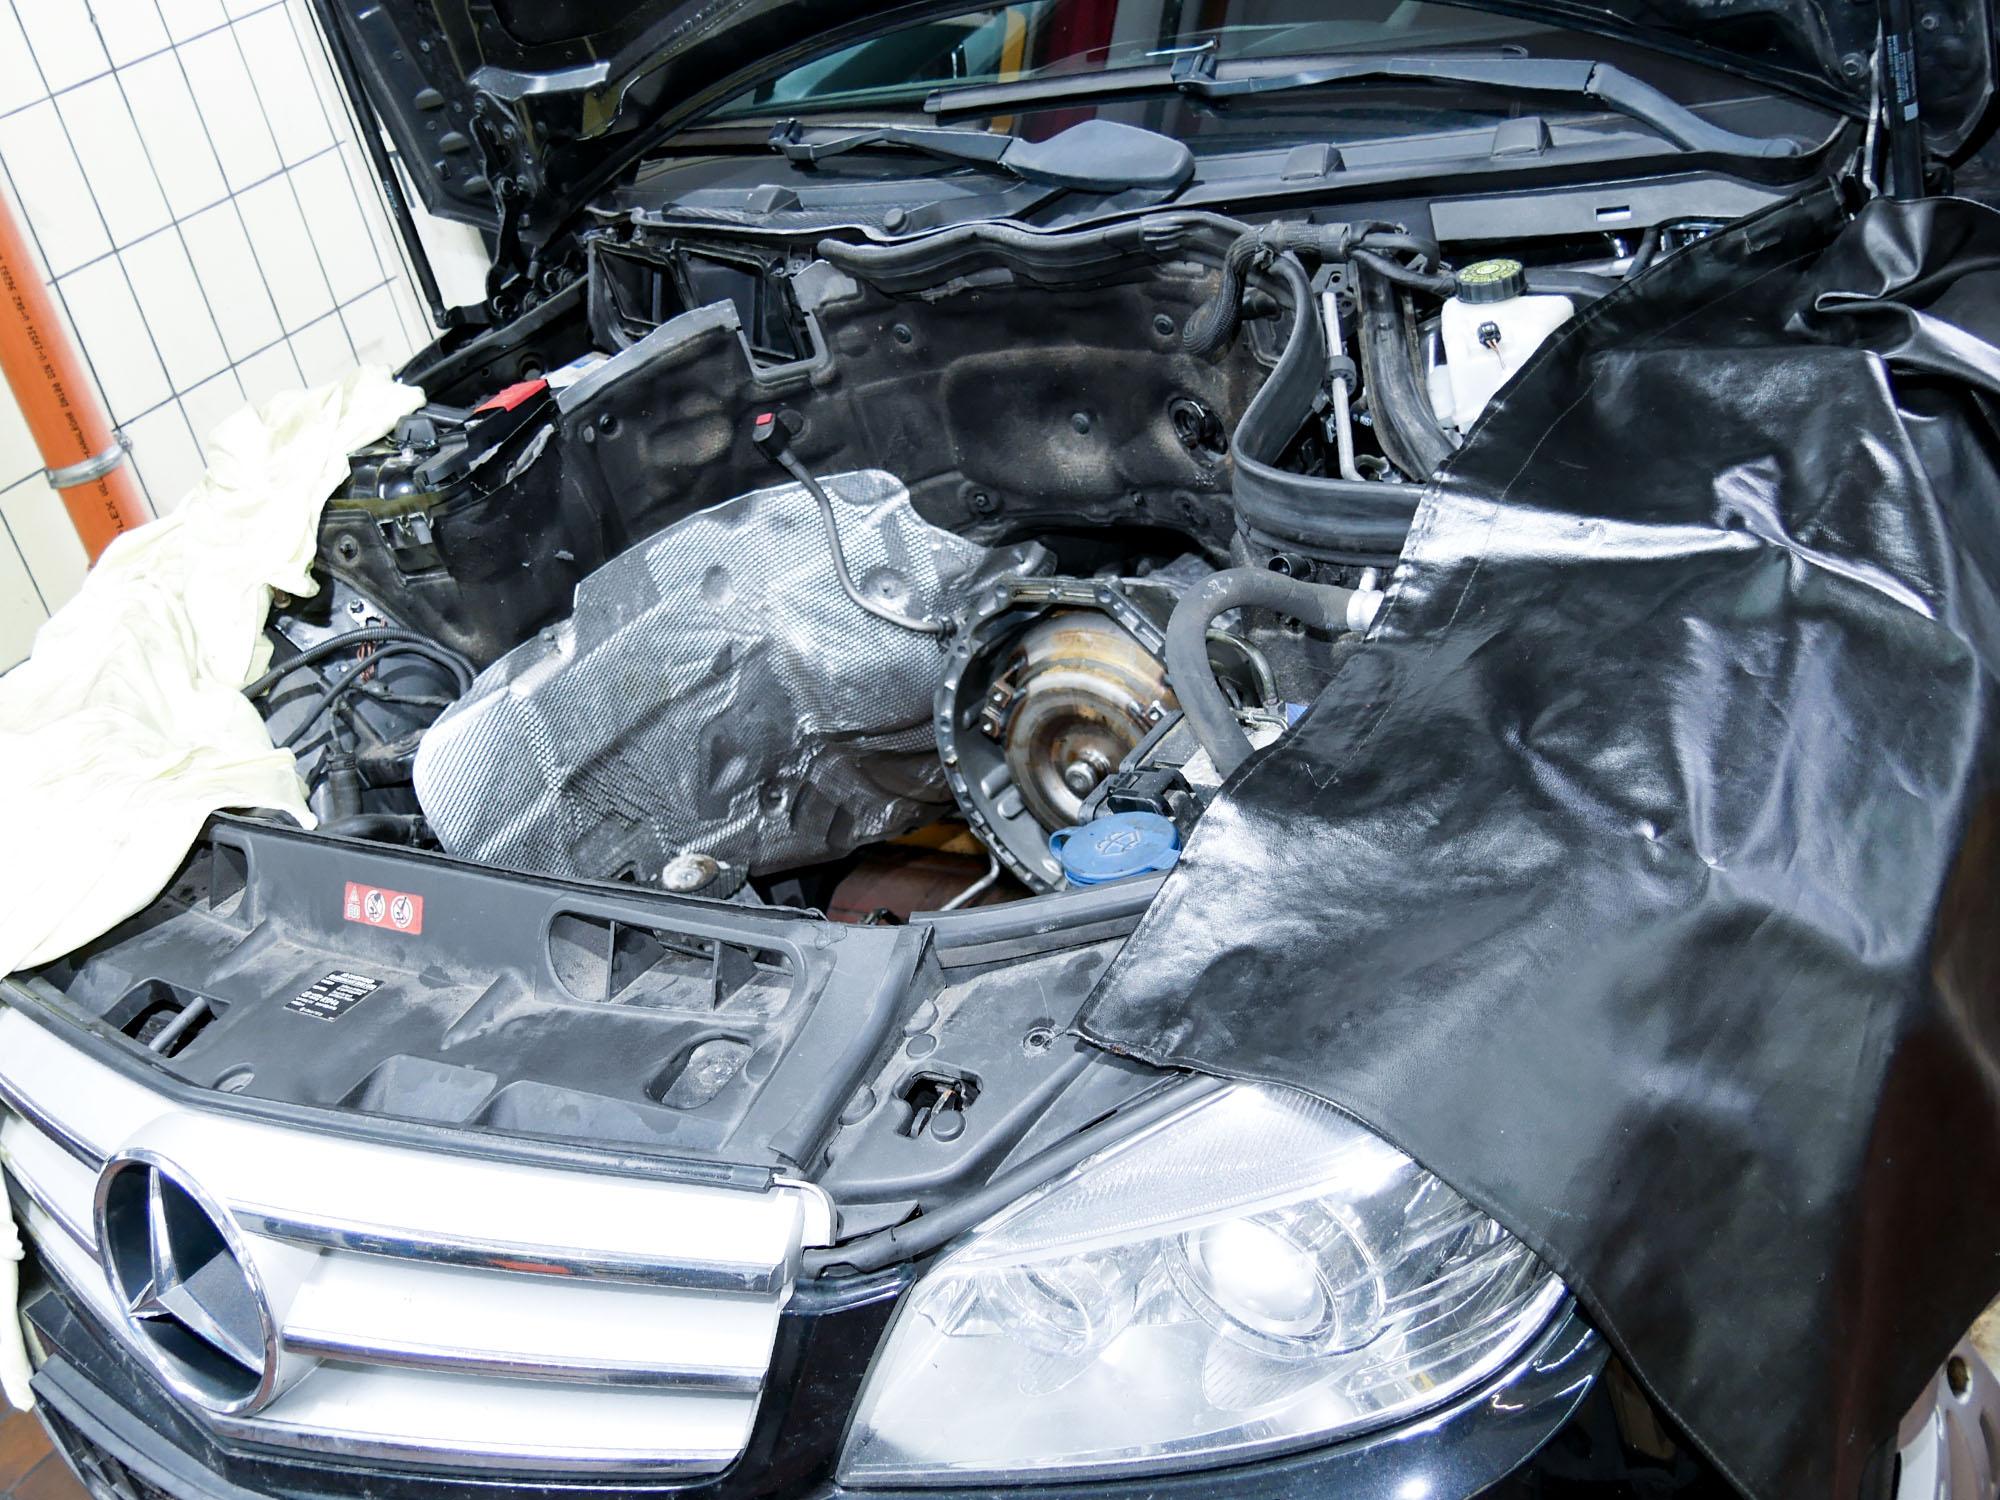 Motor Aus- und Einbau